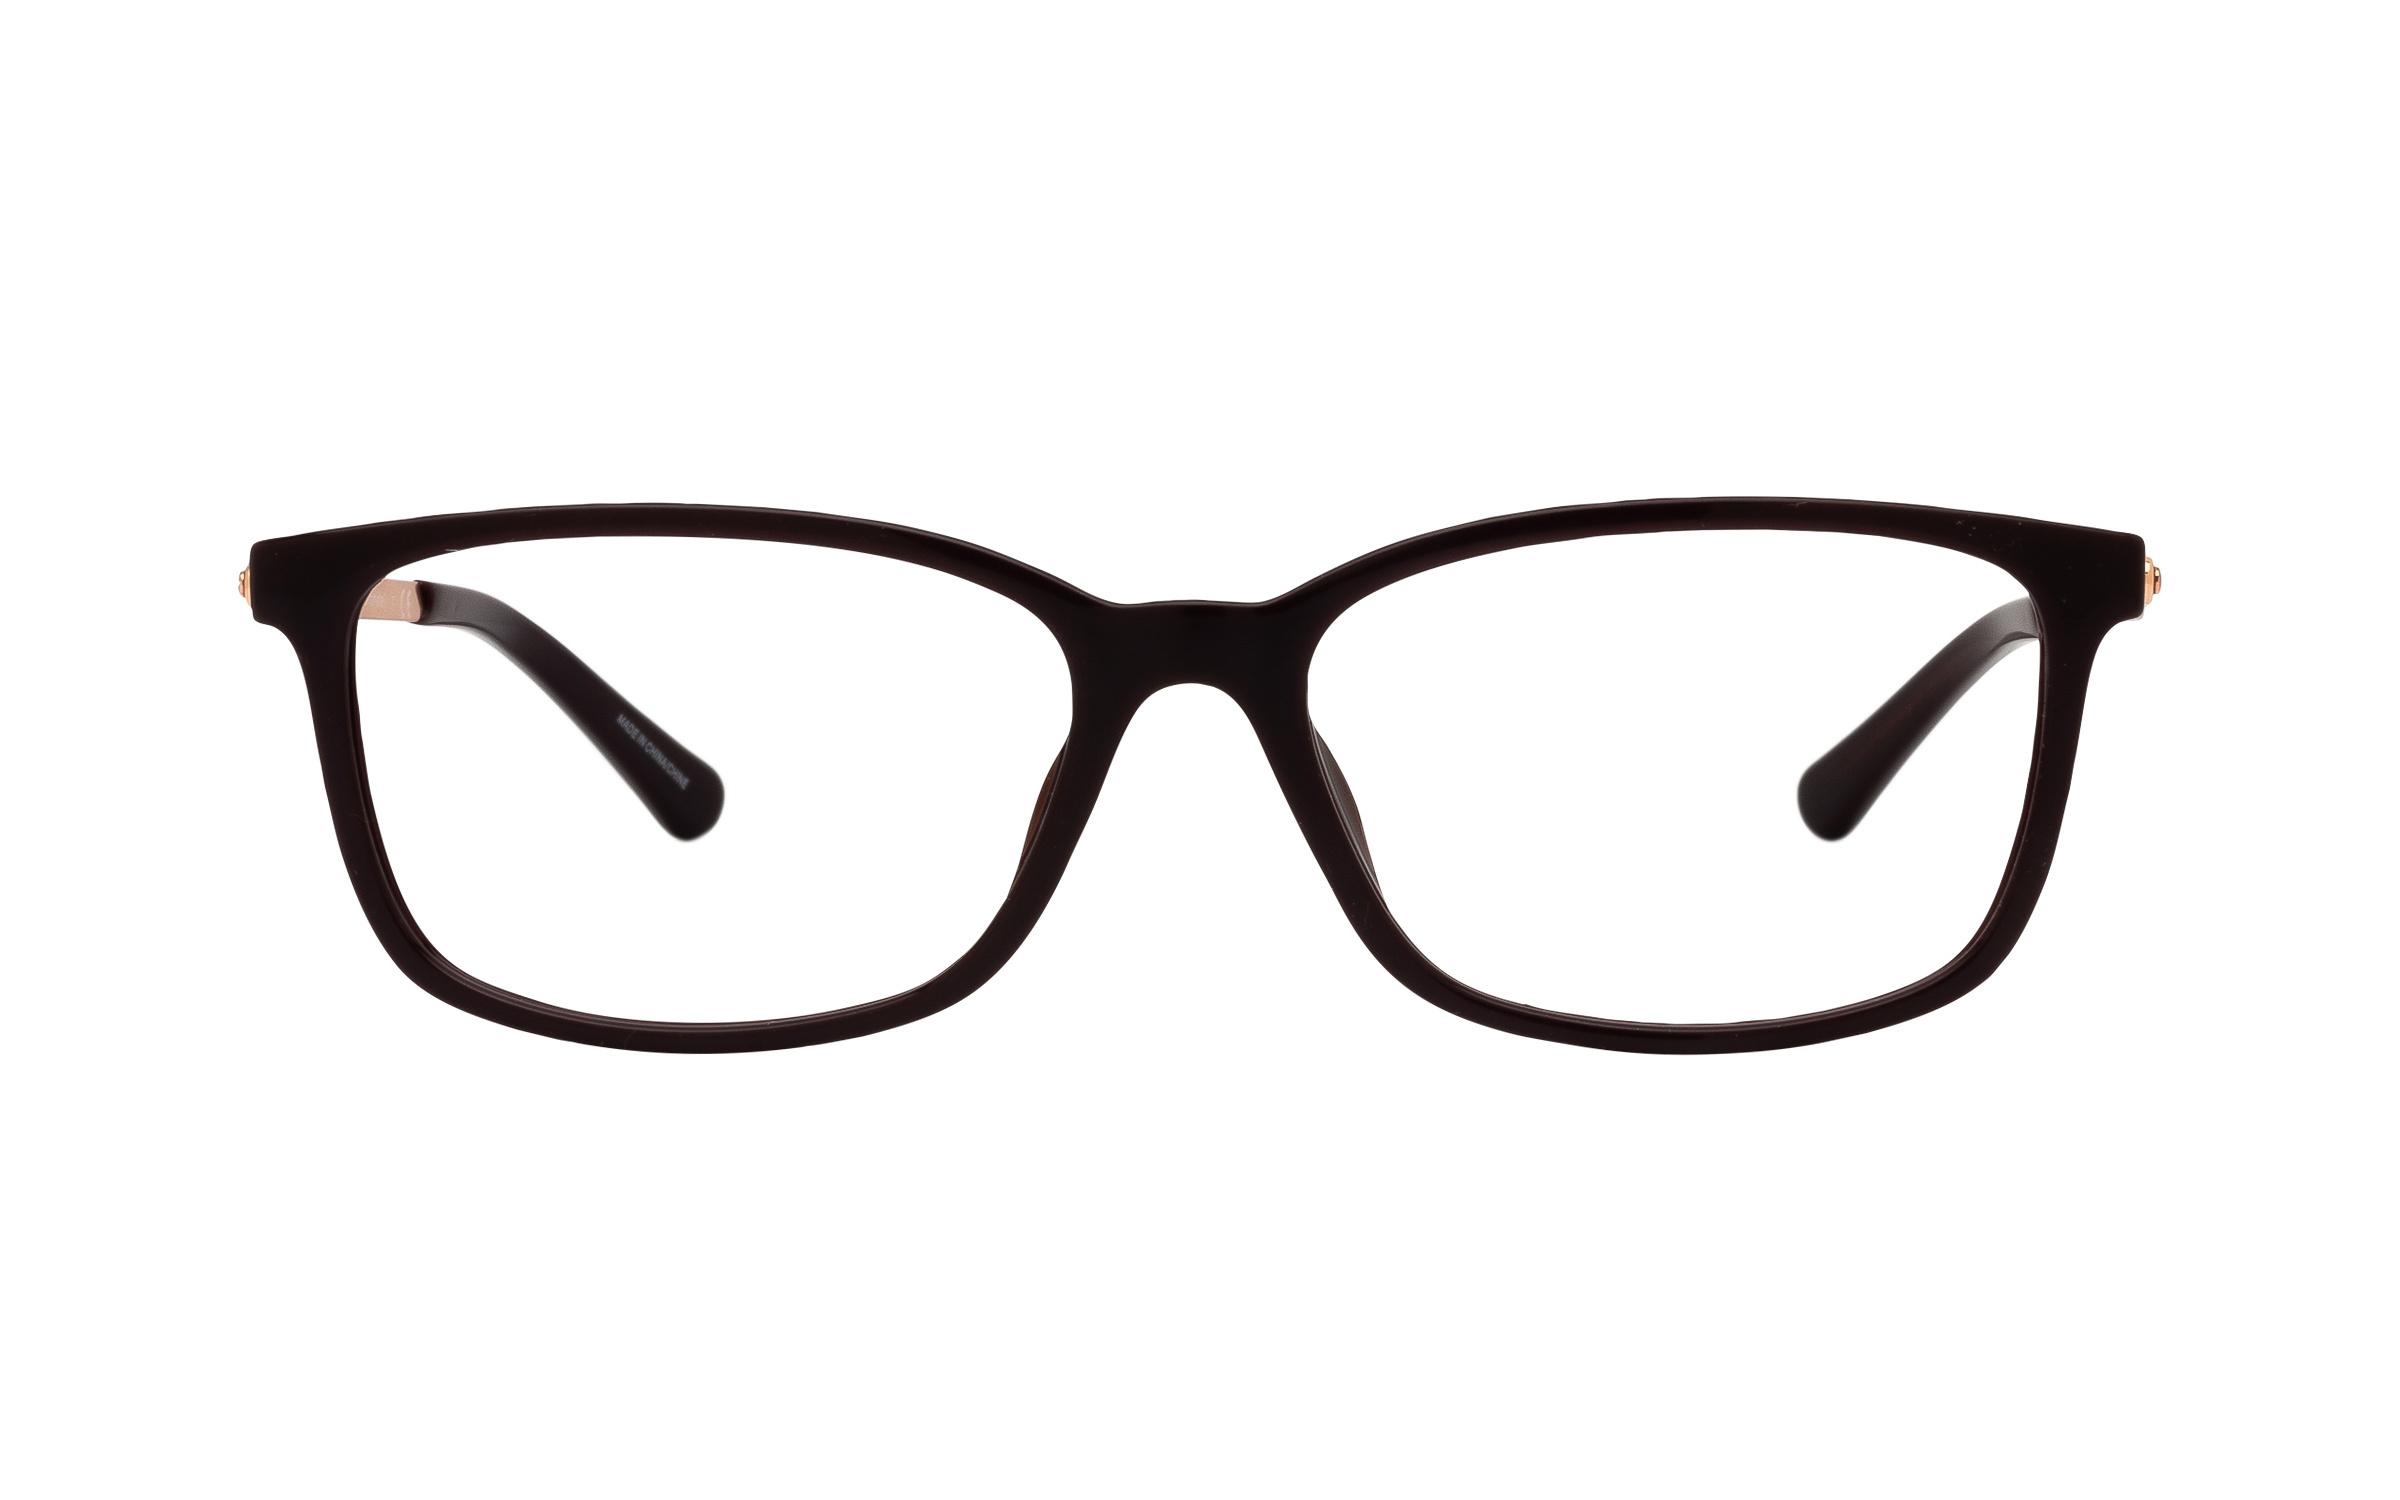 Michael Kors MK4060U 3344 (54) Eyeglasses and Frame in Cordovan Red | Acetate/Metal - Online Coastal